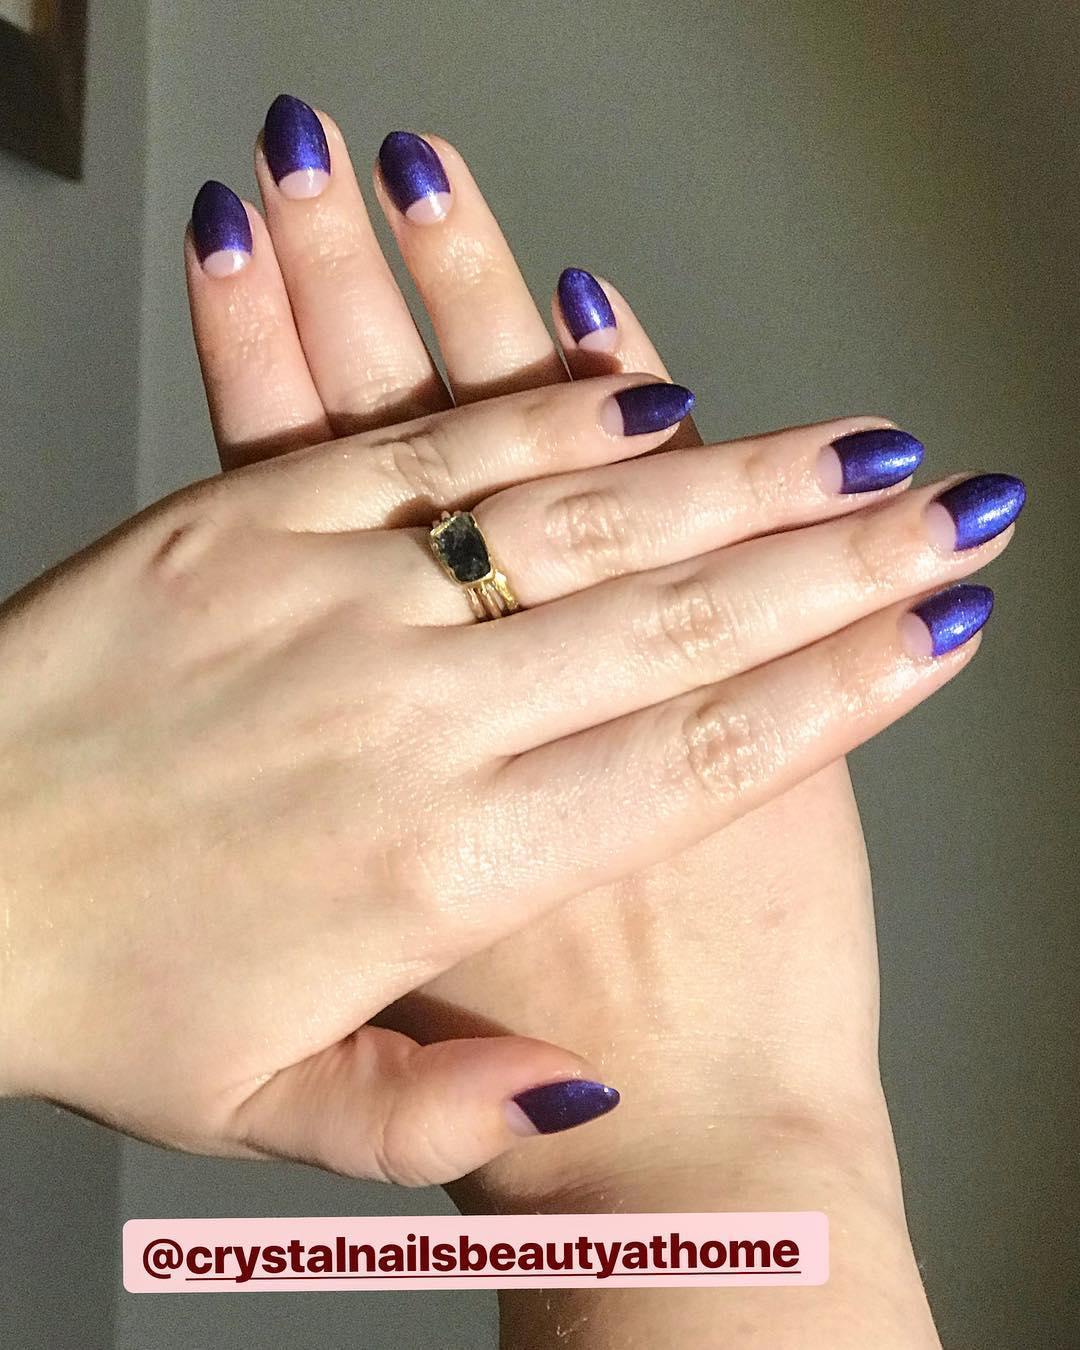 cute purple nail art ideas 2019 7 - 24 Cute Purple Nail Art Ideas 2019